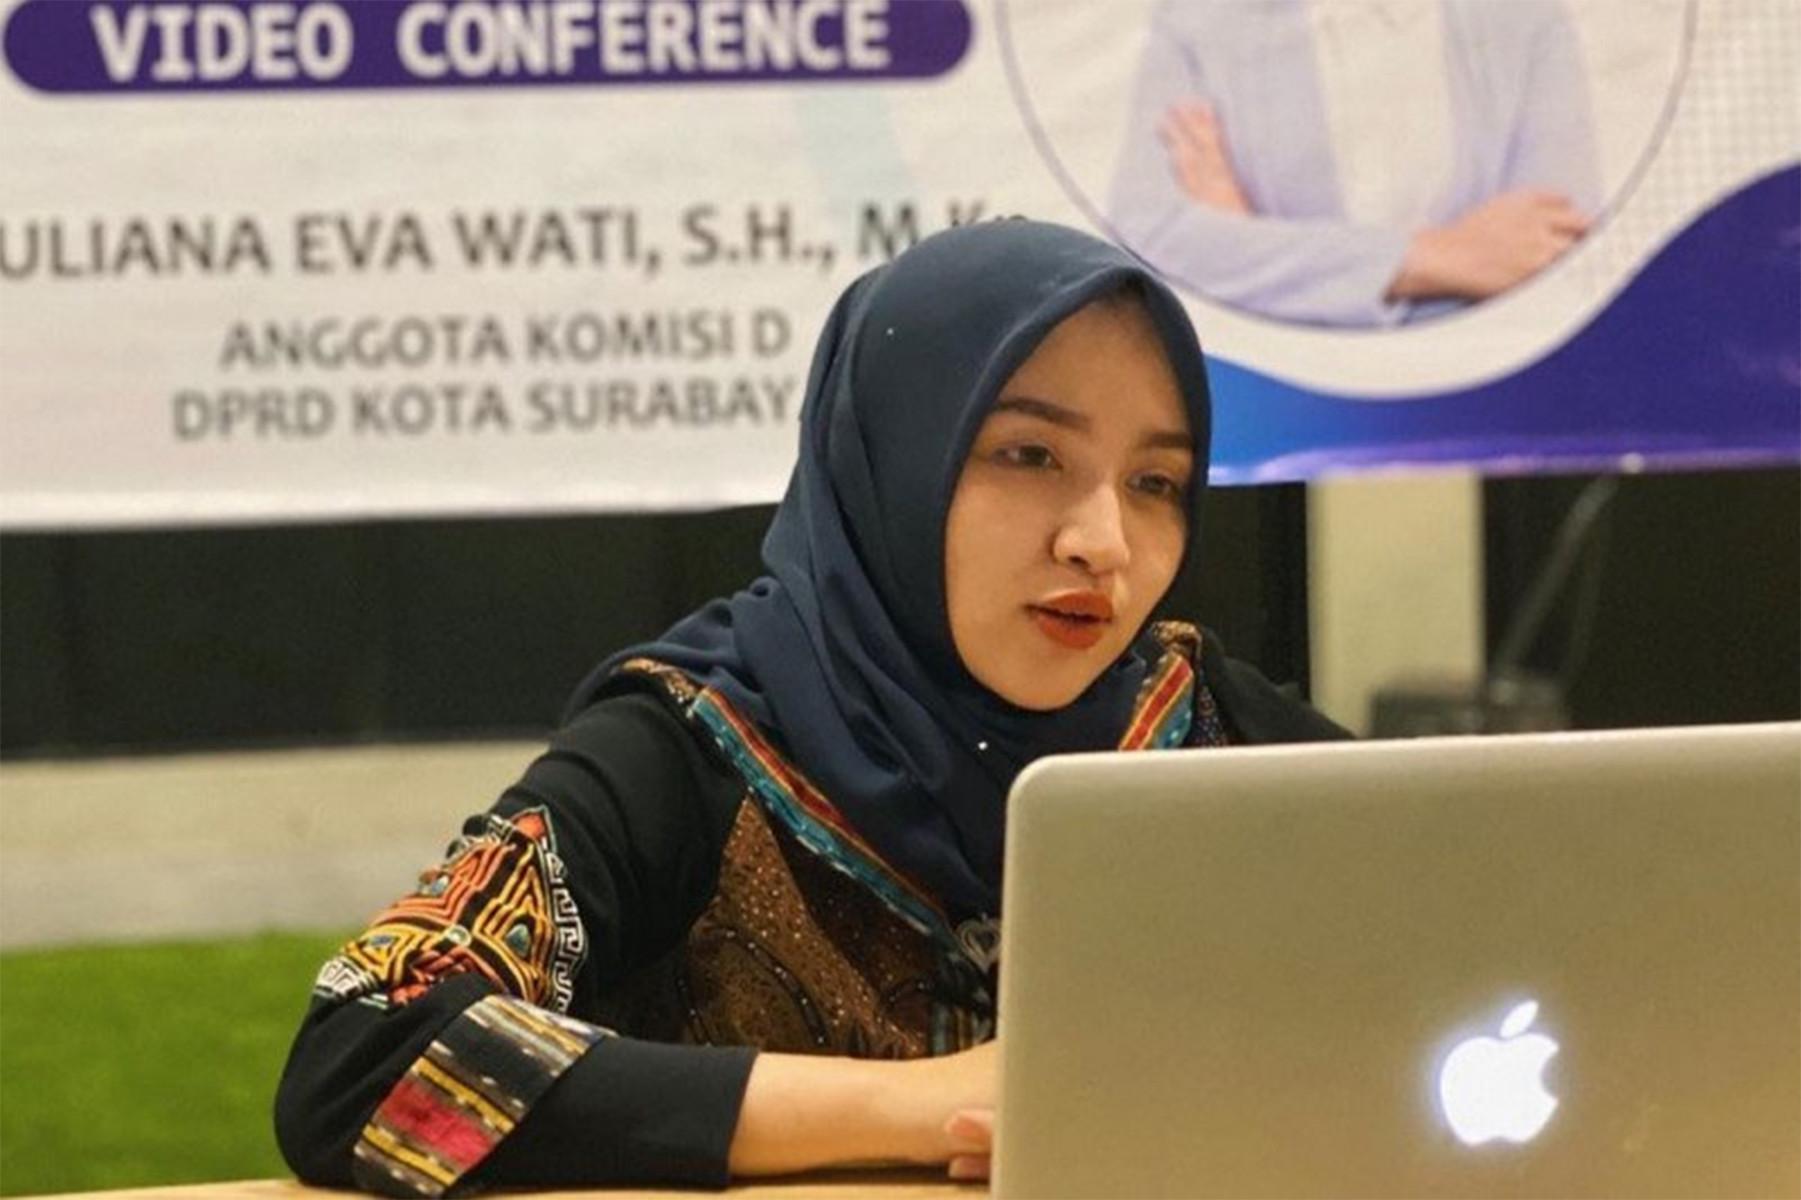 Anggota DPRD Surabaya yang Ayu Ini Geregetan Sama Armuji Cup - JPNN.com